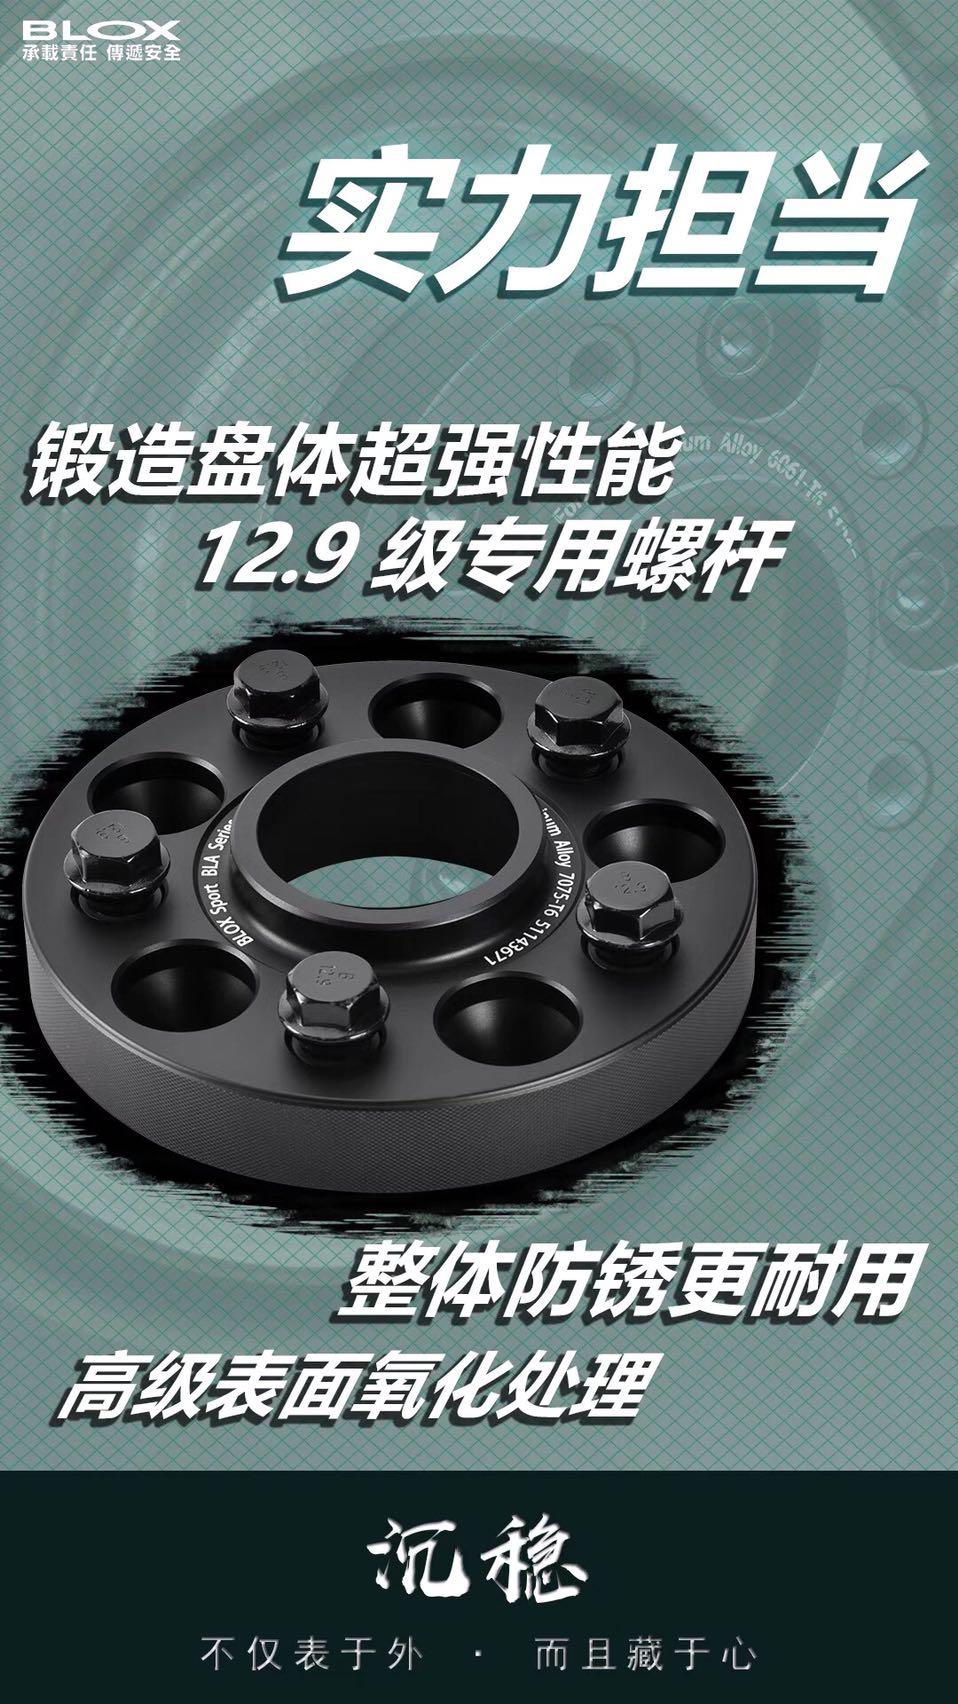 正品BLOX锻造轮毂螺丝、正品BLOX锻造法兰盘垫片